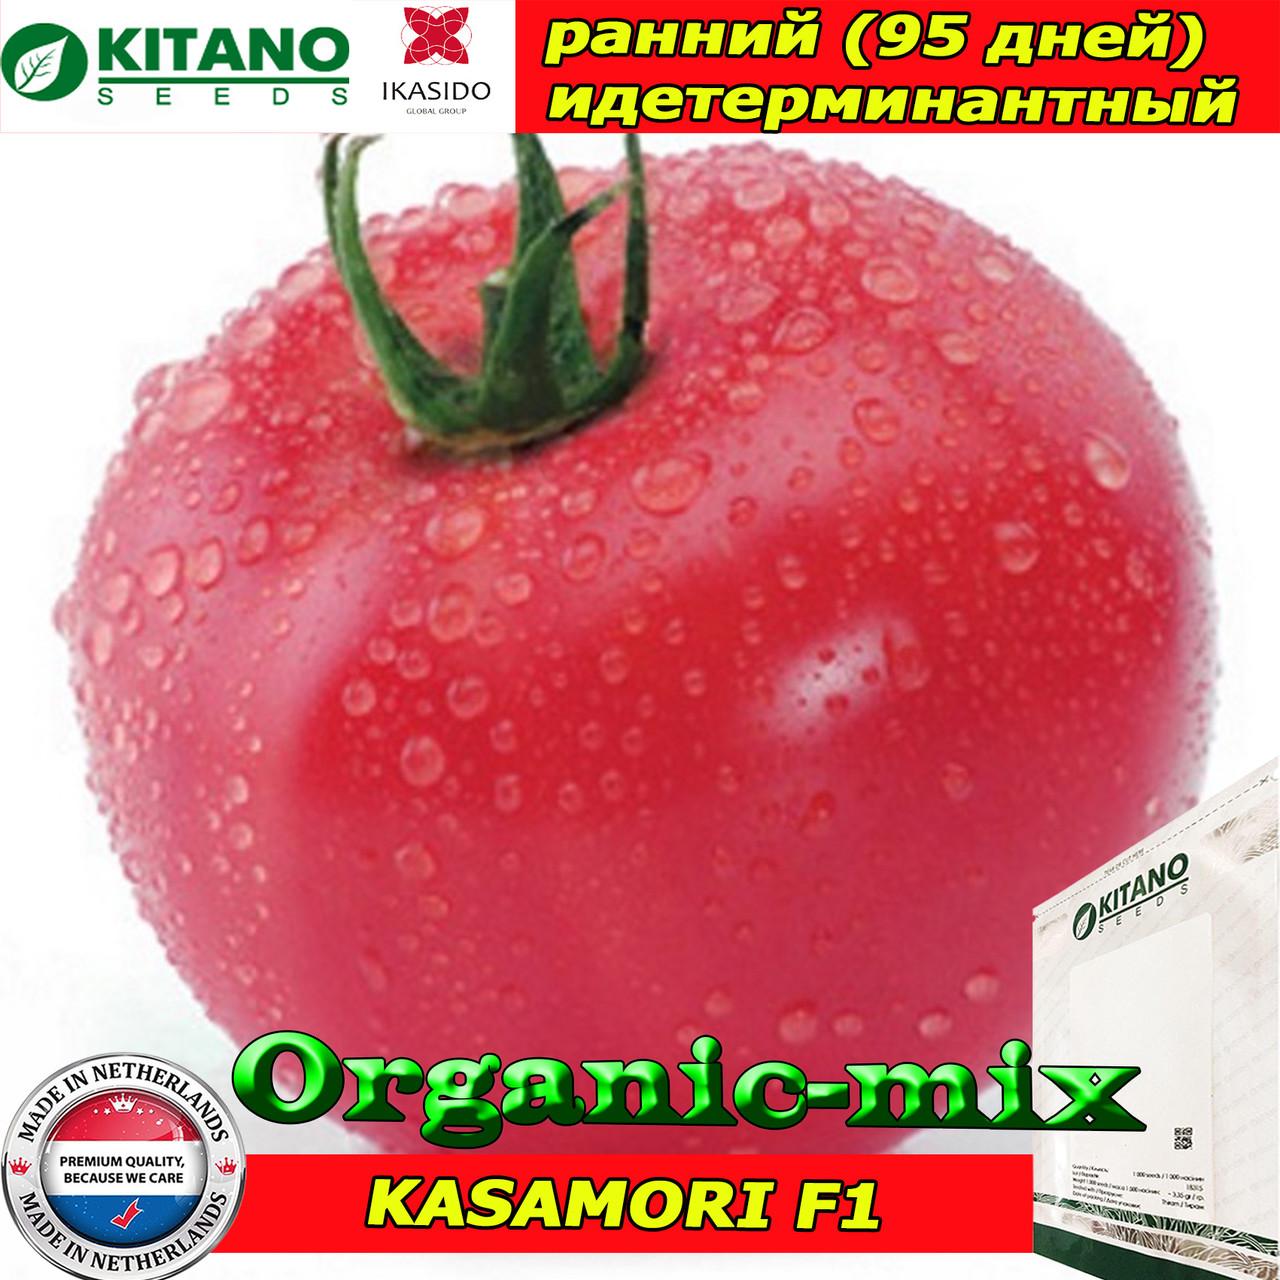 Семена, томат розовый КАСАМОРИ F1 / KASAMORI F1, 100 семян, ТМ Kitano Seeds,